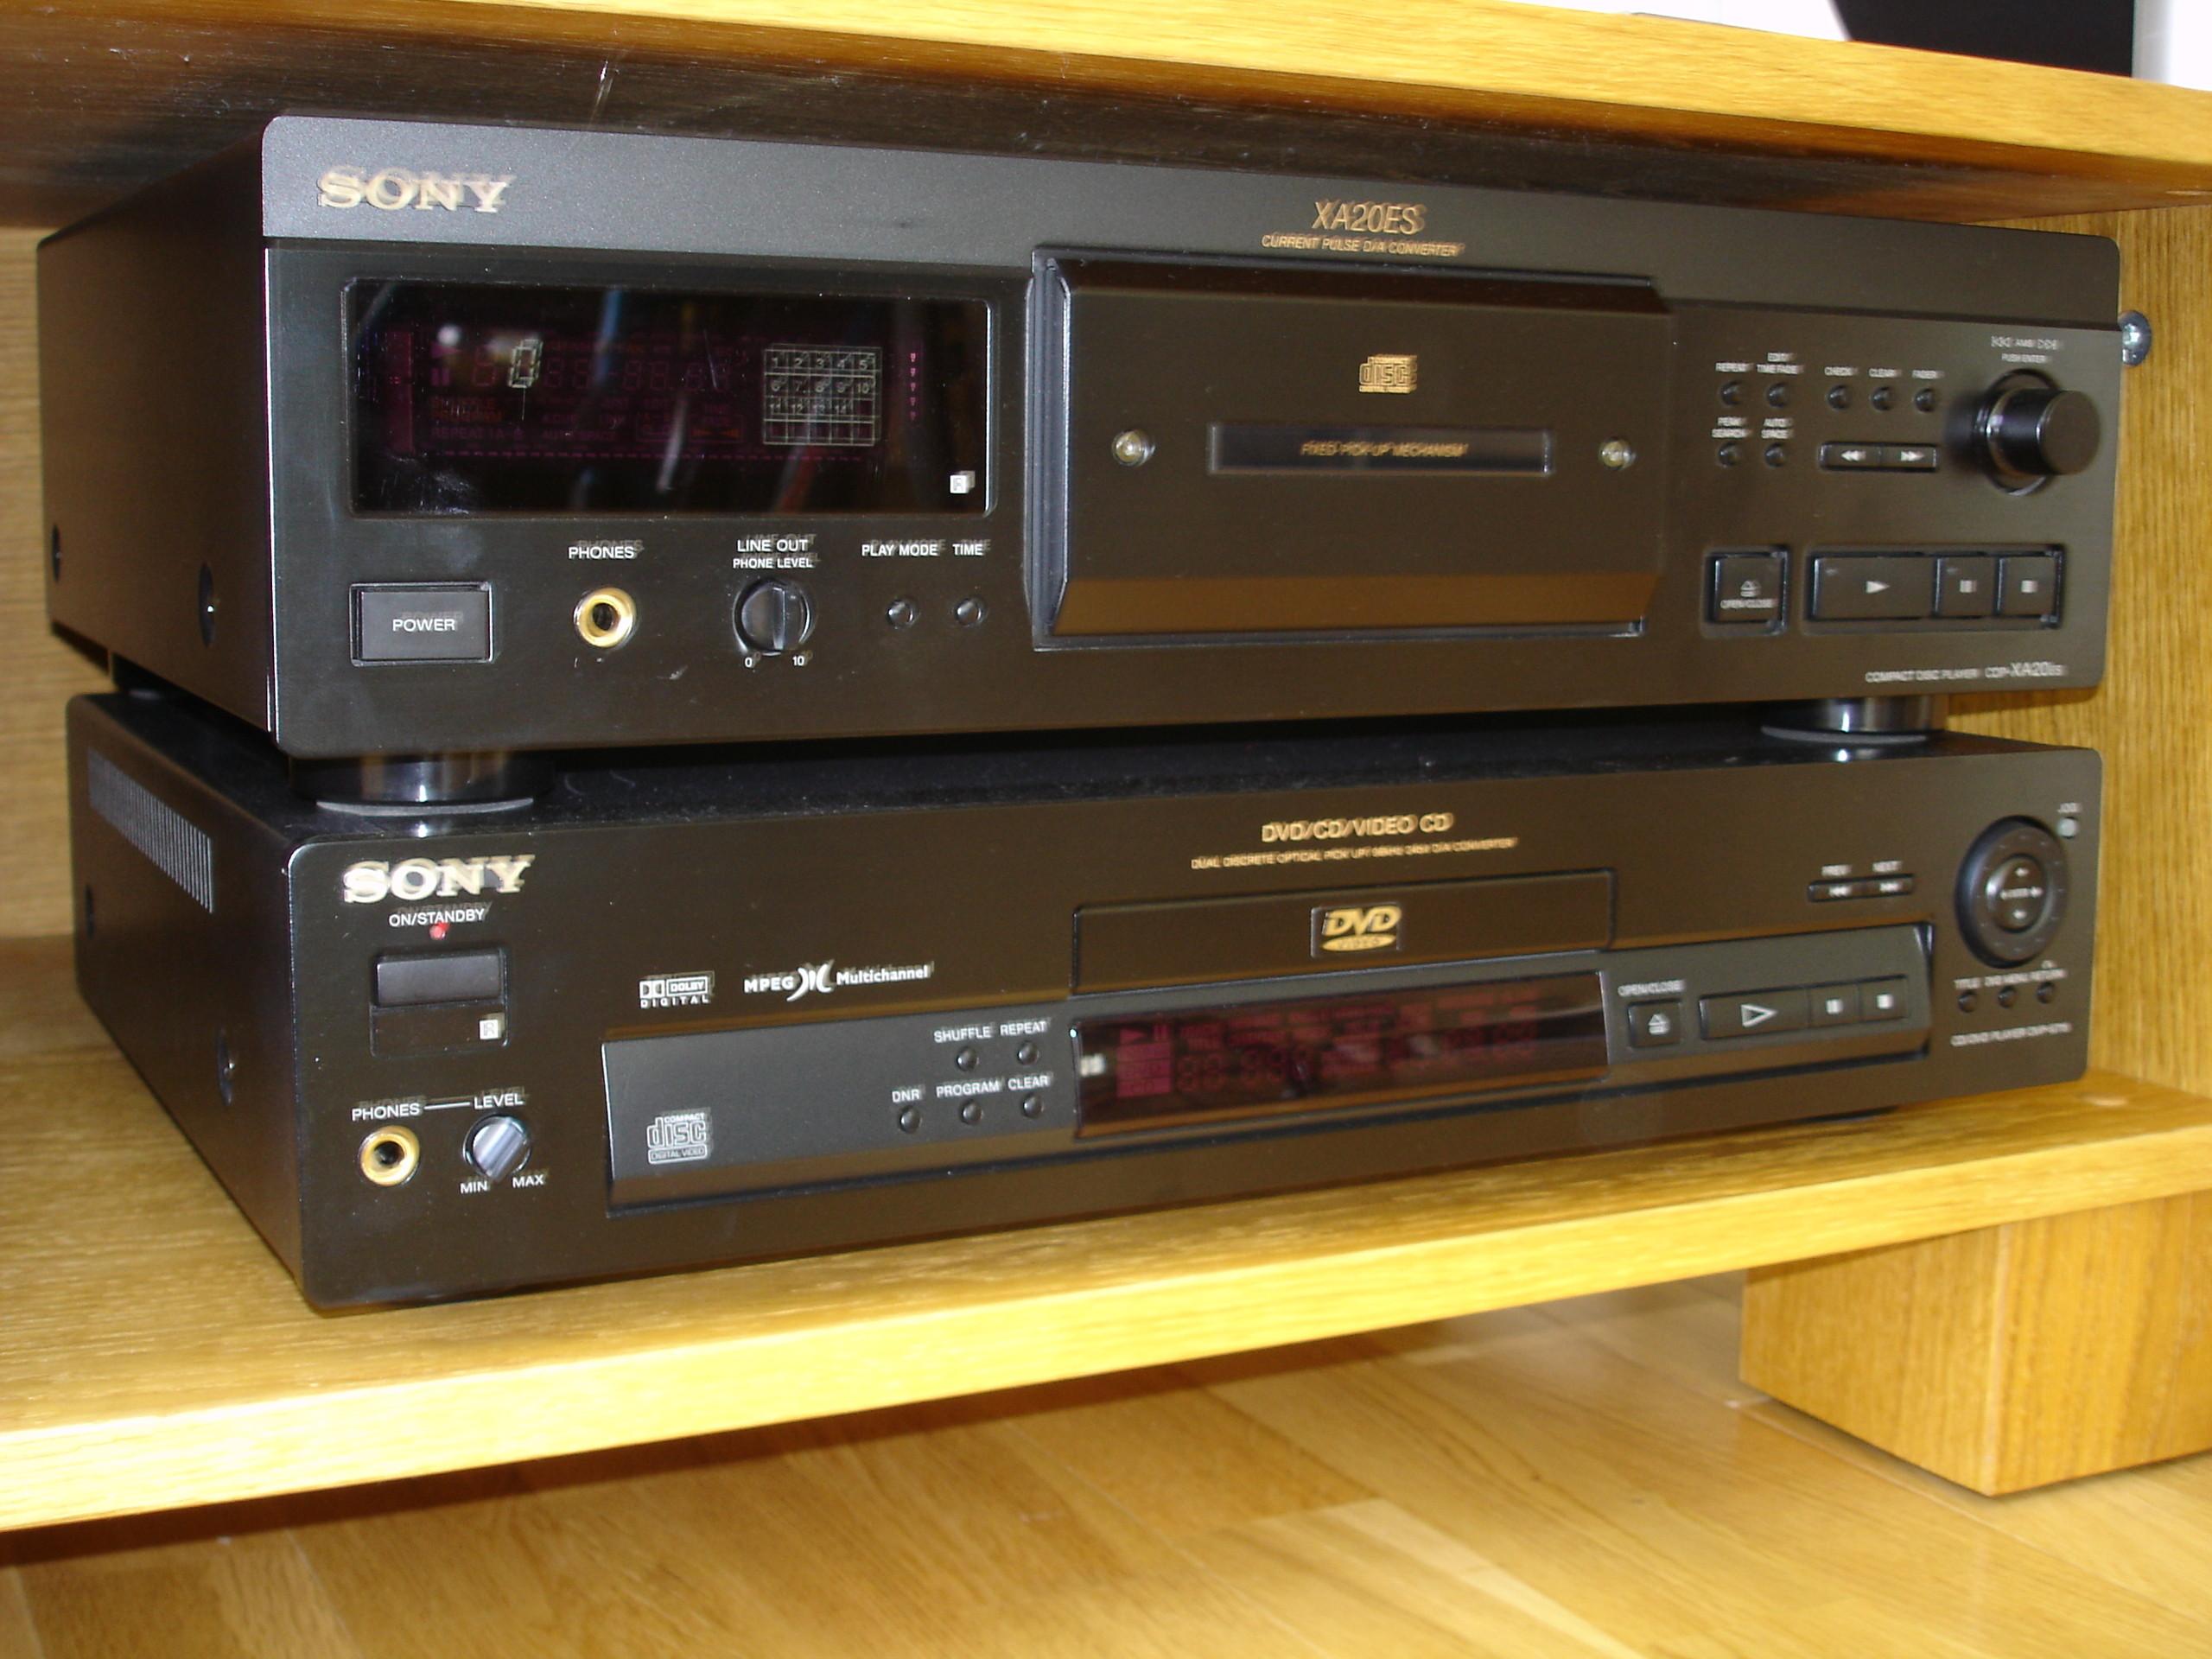 Bilder på Sony DVP-S715 DVD-spelare